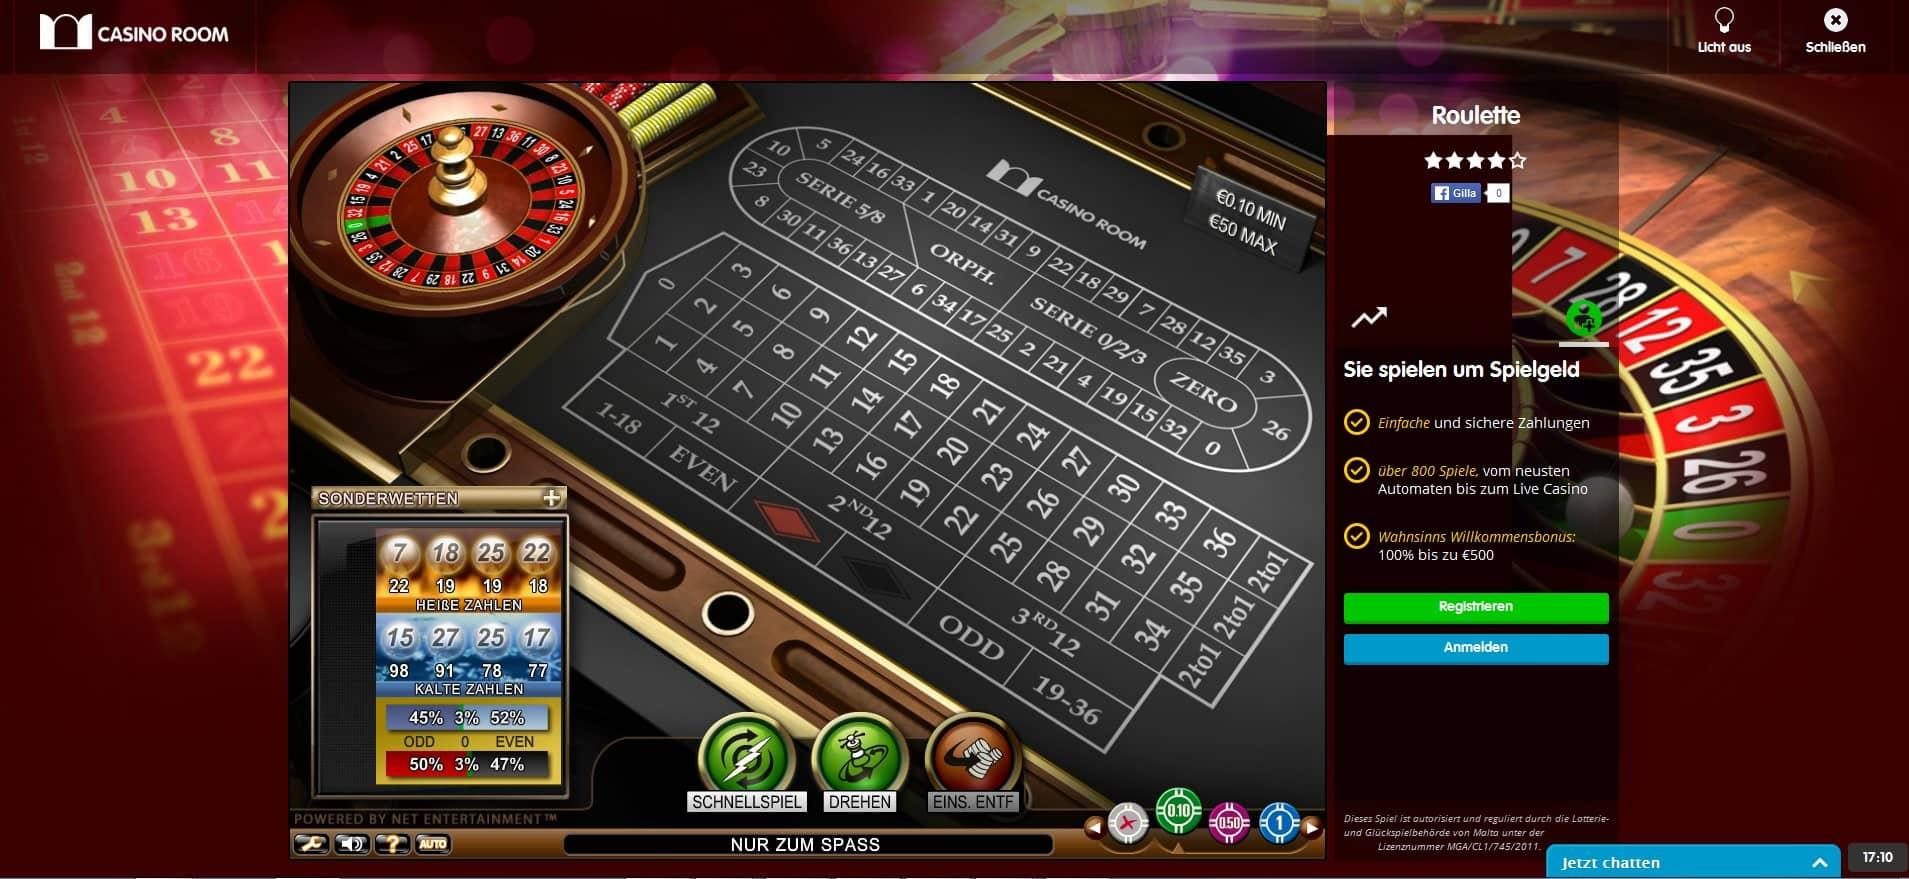 Roulette Erfahrungen Spinland 788789